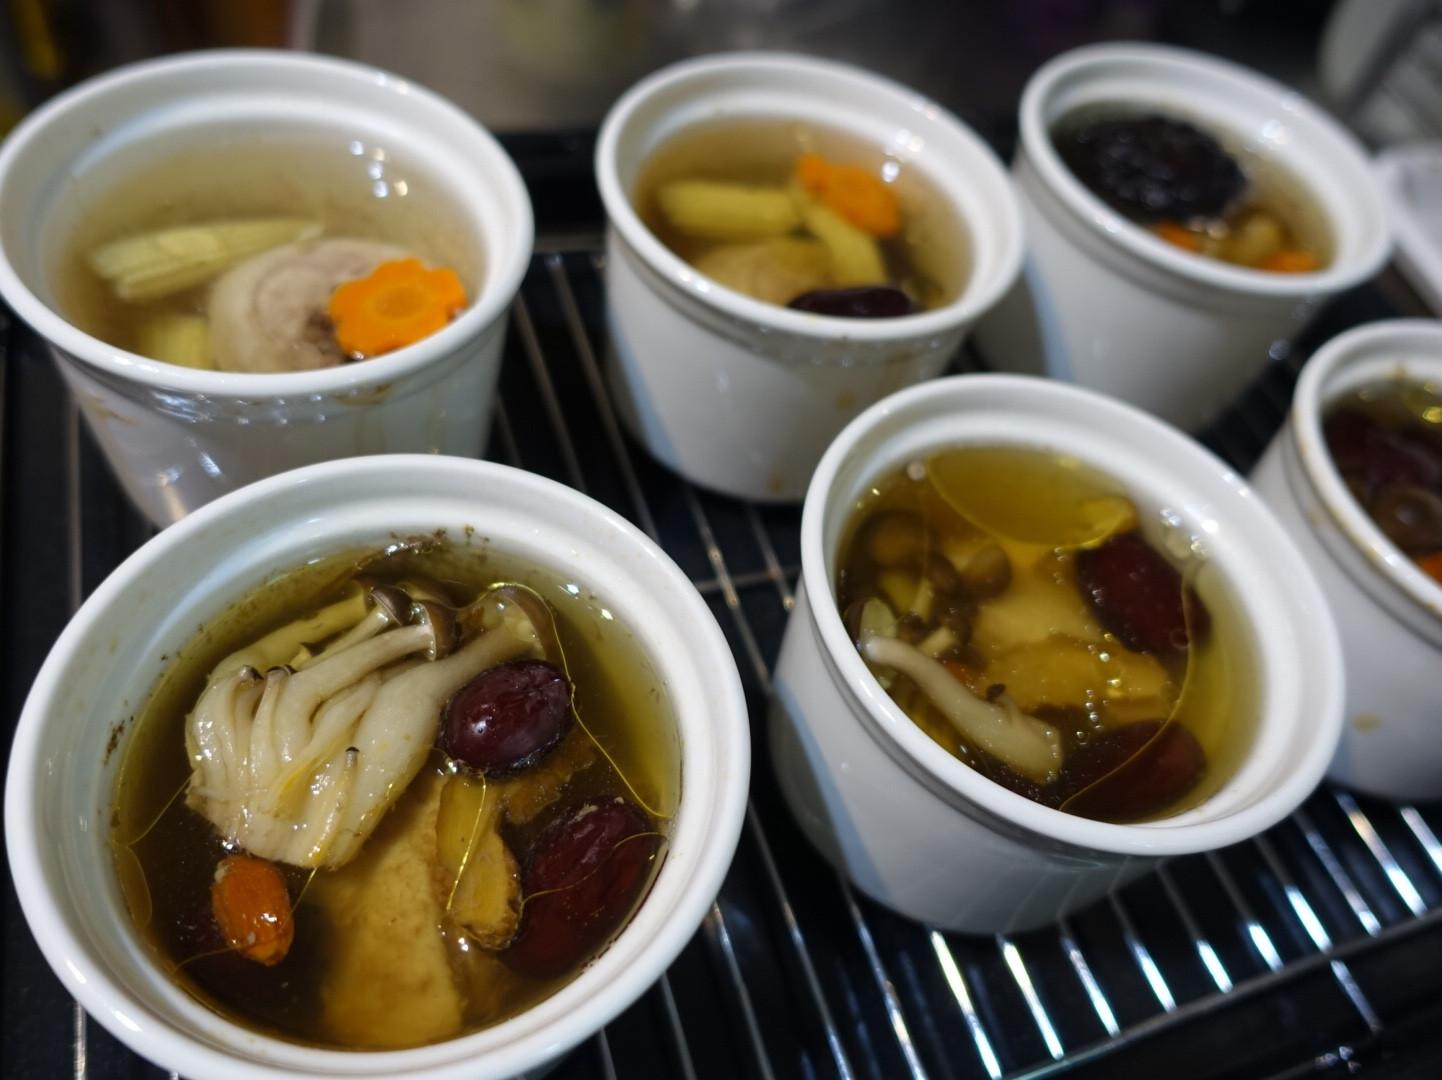 在家喝元盅雞湯 (蒸氣烘烤爐 大黑食譜)